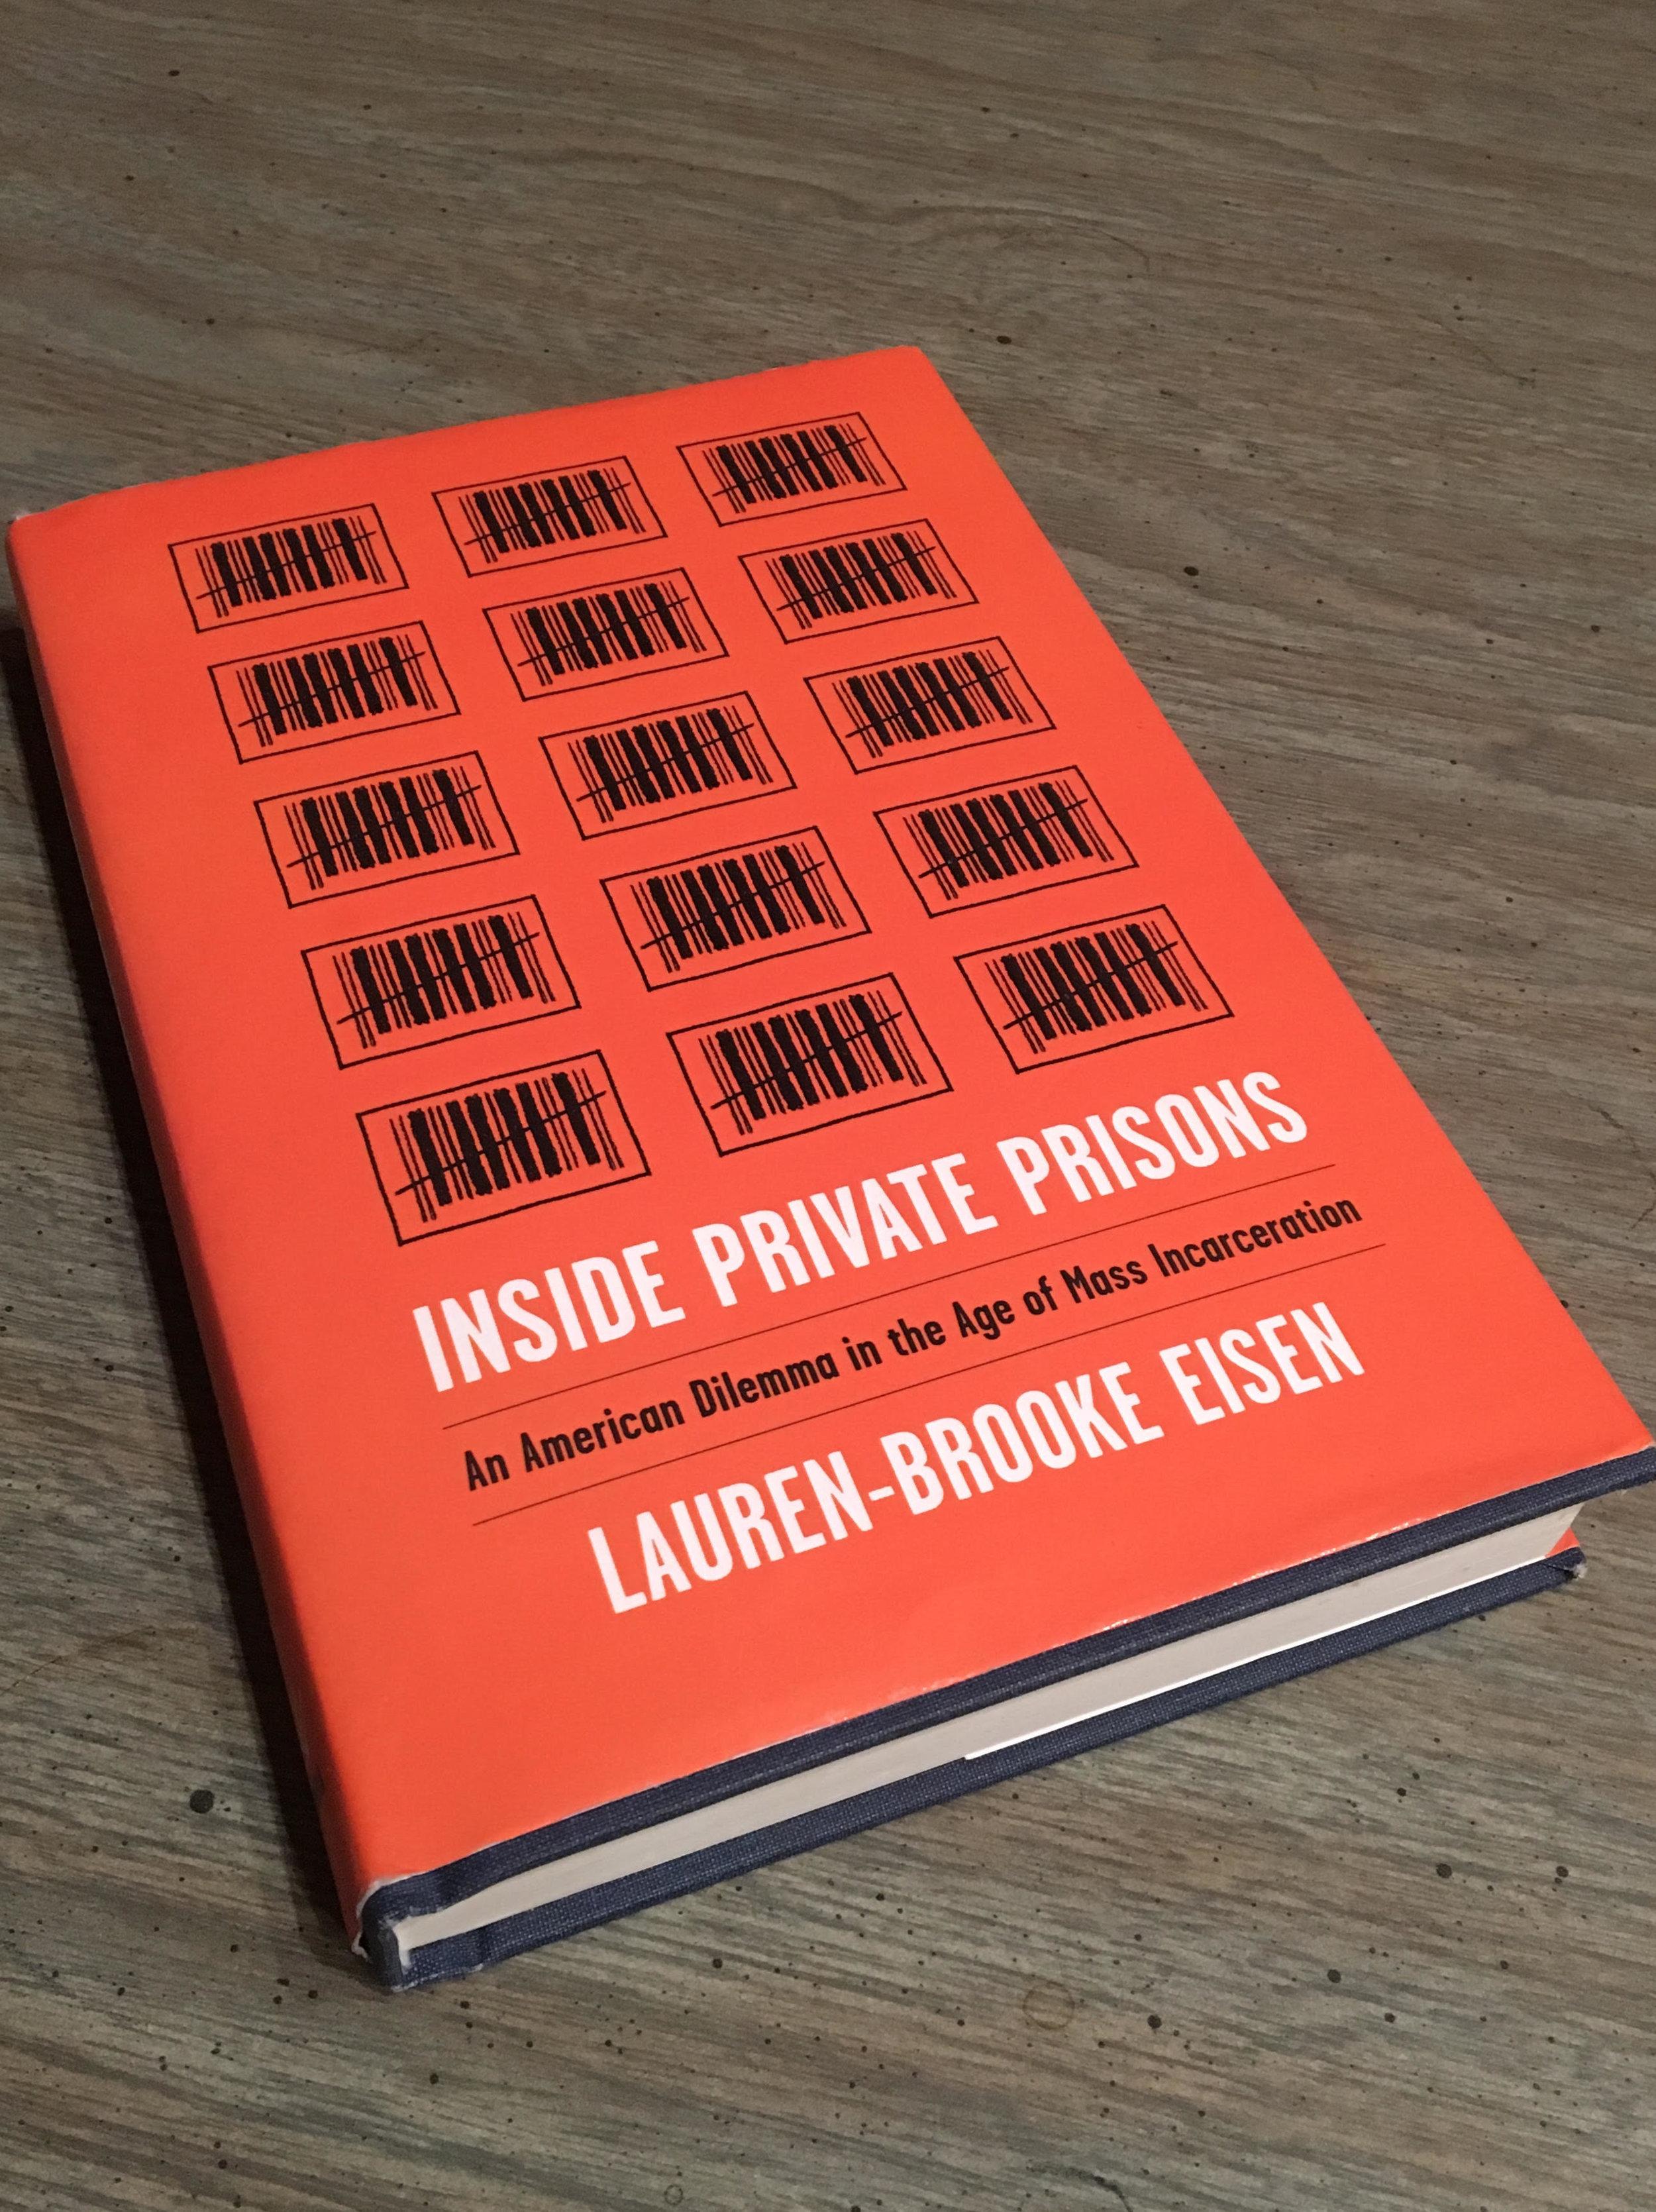 Lauren-Brooke Eisen Inside Private Prisons.jpg